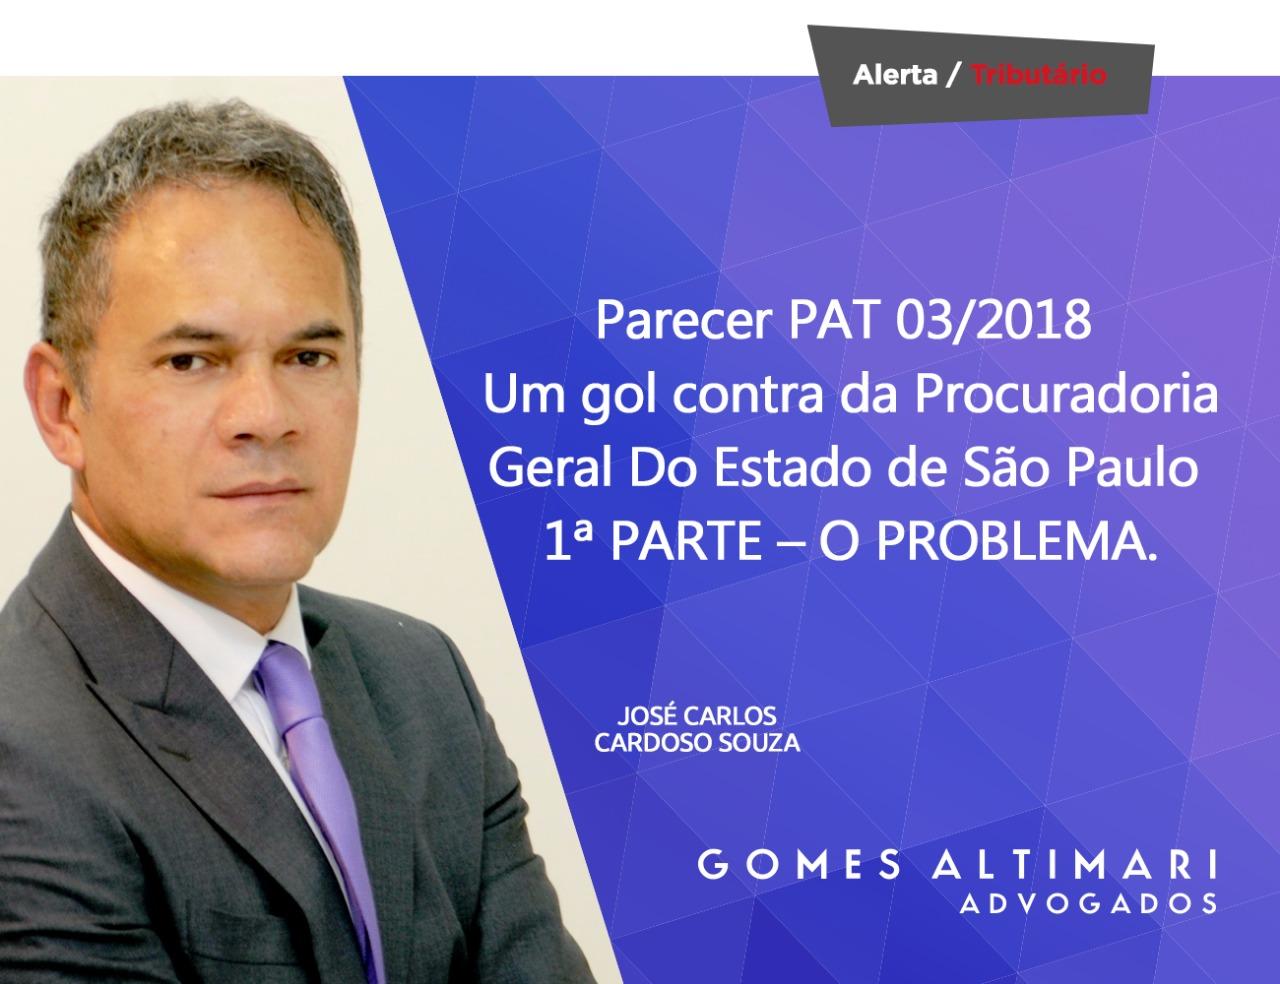 Artigo | PARECER PAT 03/2018 – Um gol contra da Procuradoria Geral do Estado de São Paulo – 1ª Parte – O problema*